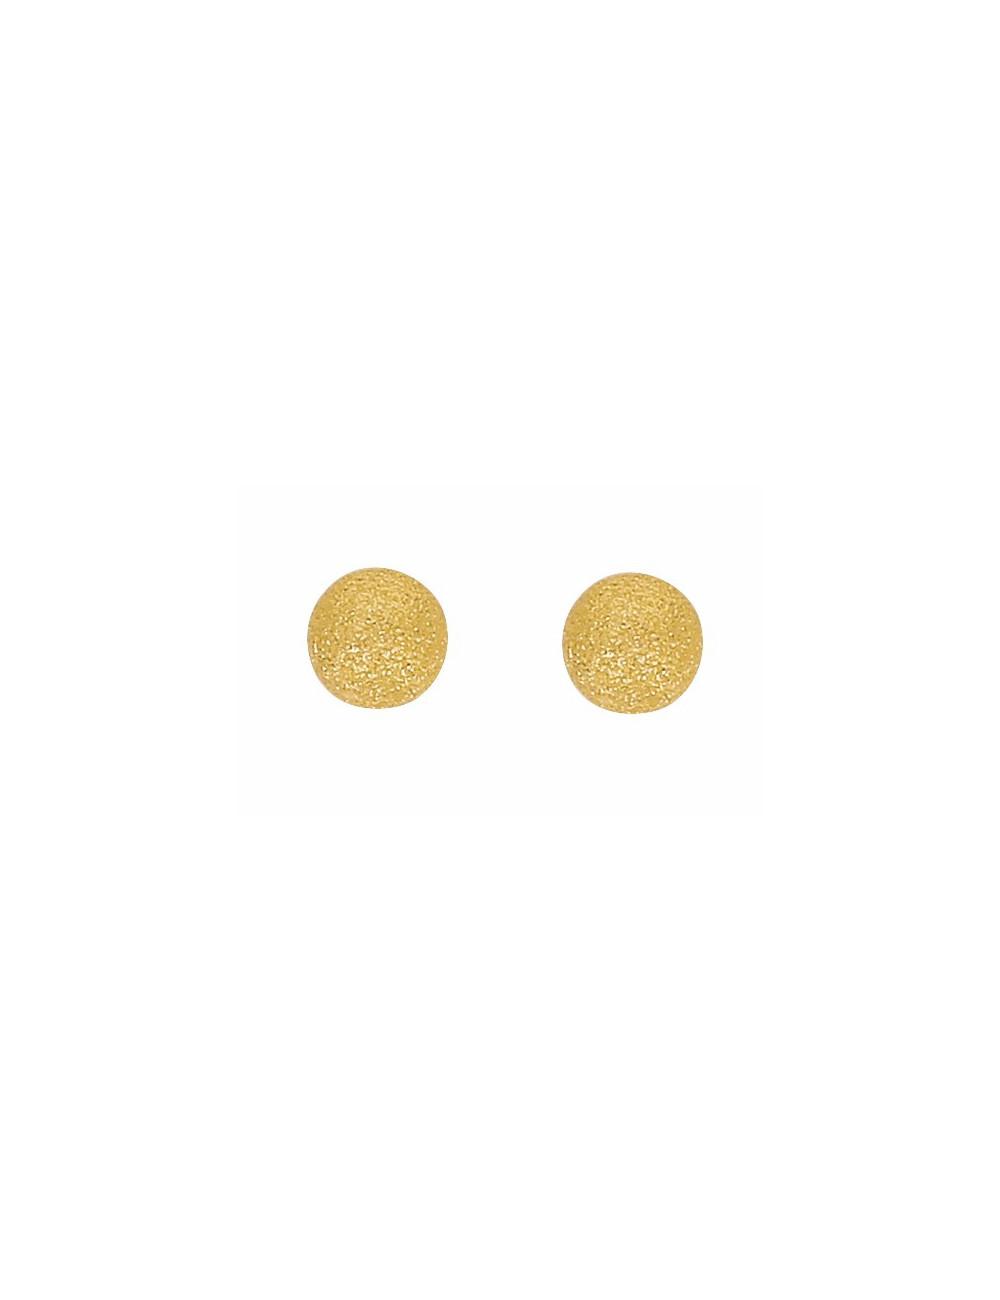 Boucles d'Oreilles Boules Satinées 6 mm Or 18 Carats